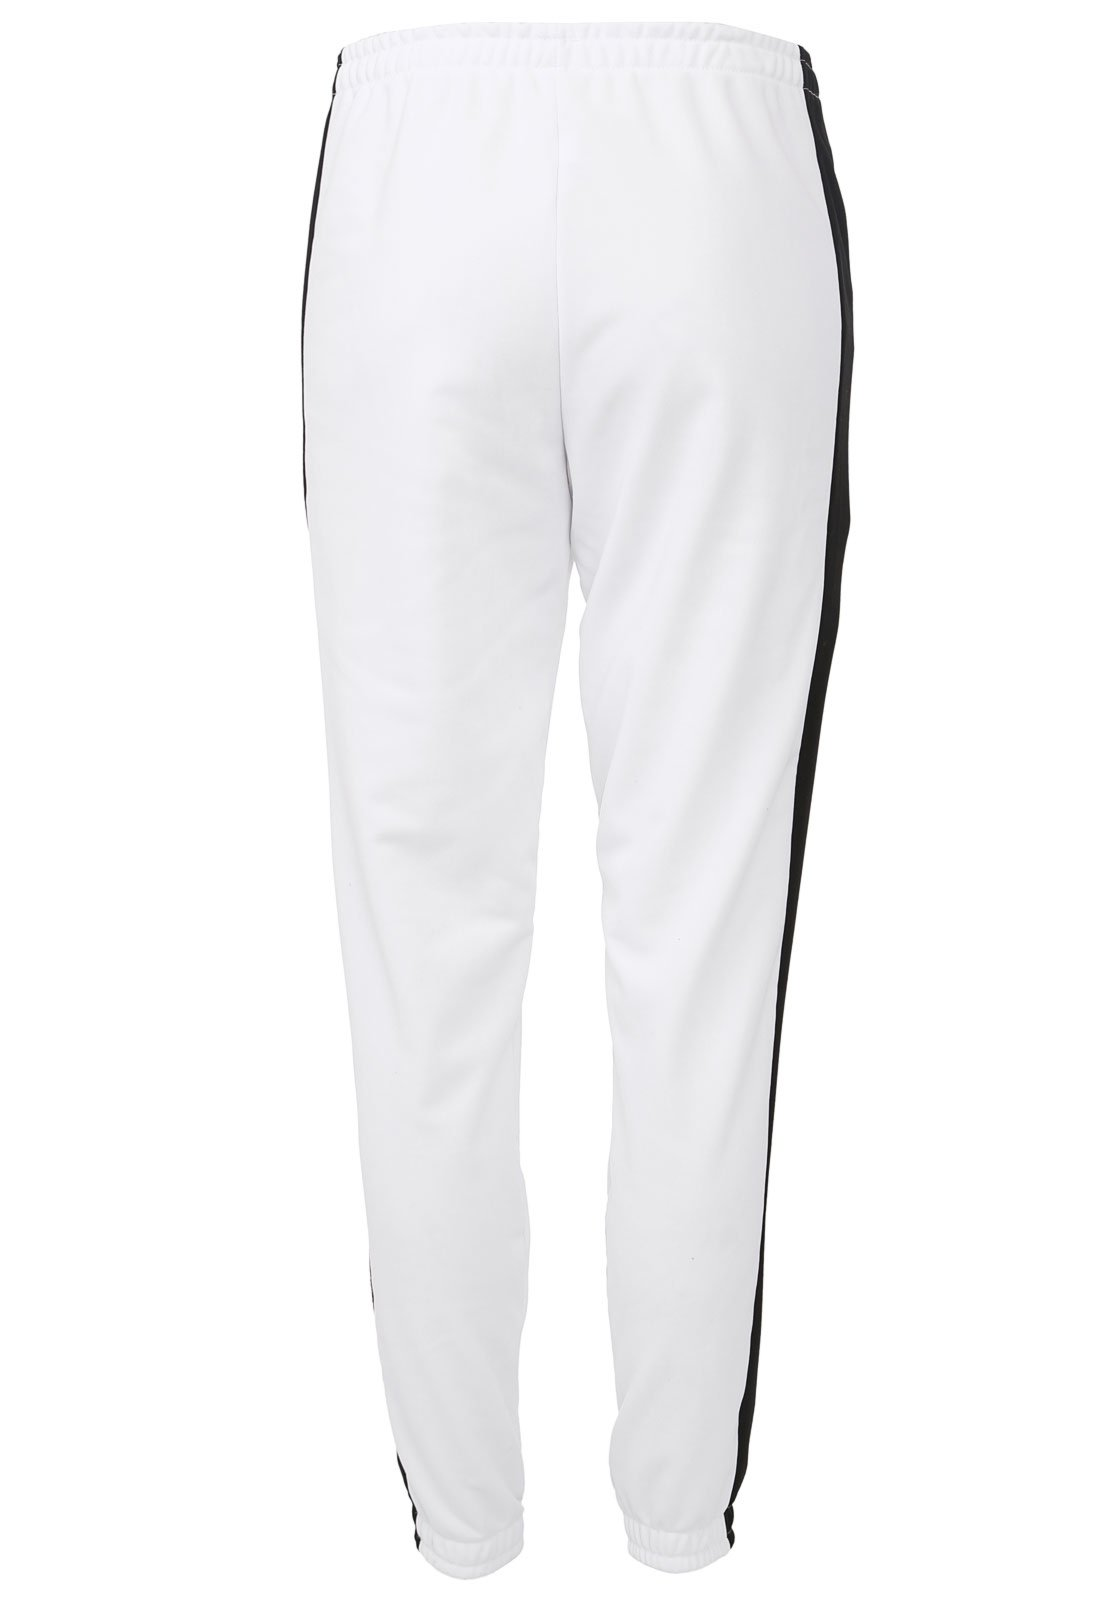 Calça COSTA RICA Jogger Recortes Branca - Compre Agora